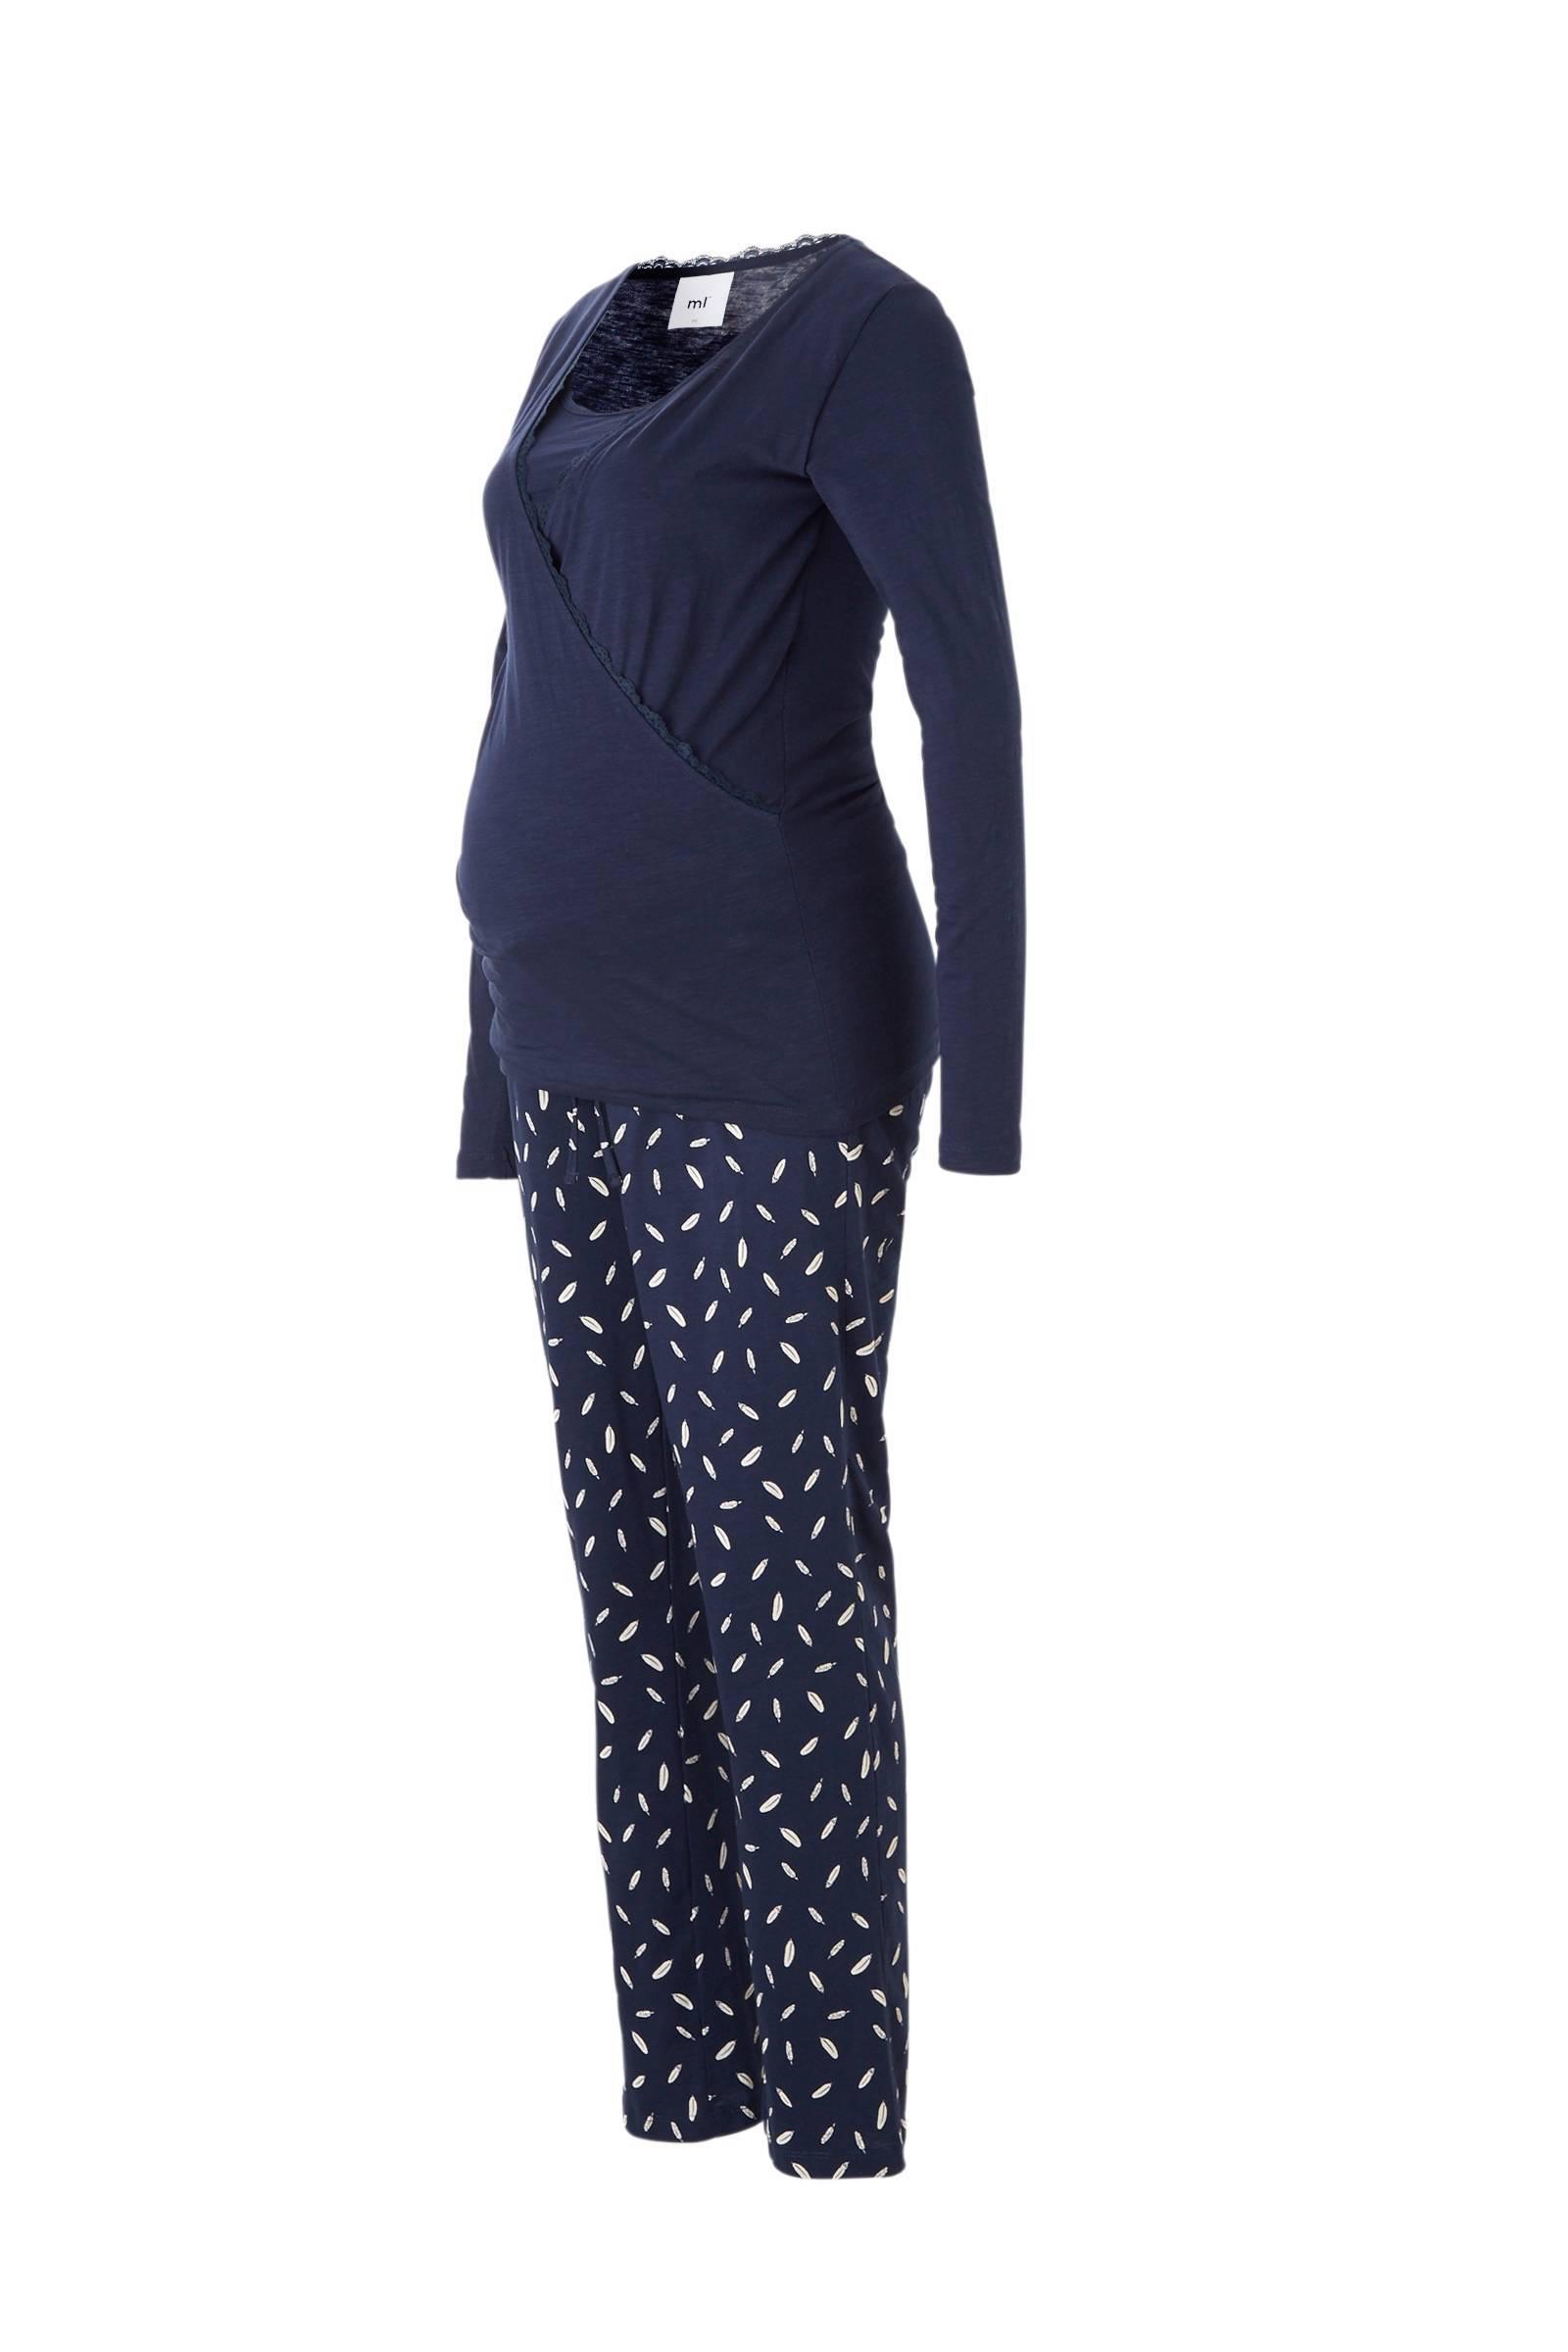 Zwangerschapskleding Pyjama.Mama Licious Positie Pyjama Met Veren Blauw Wit Wehkamp